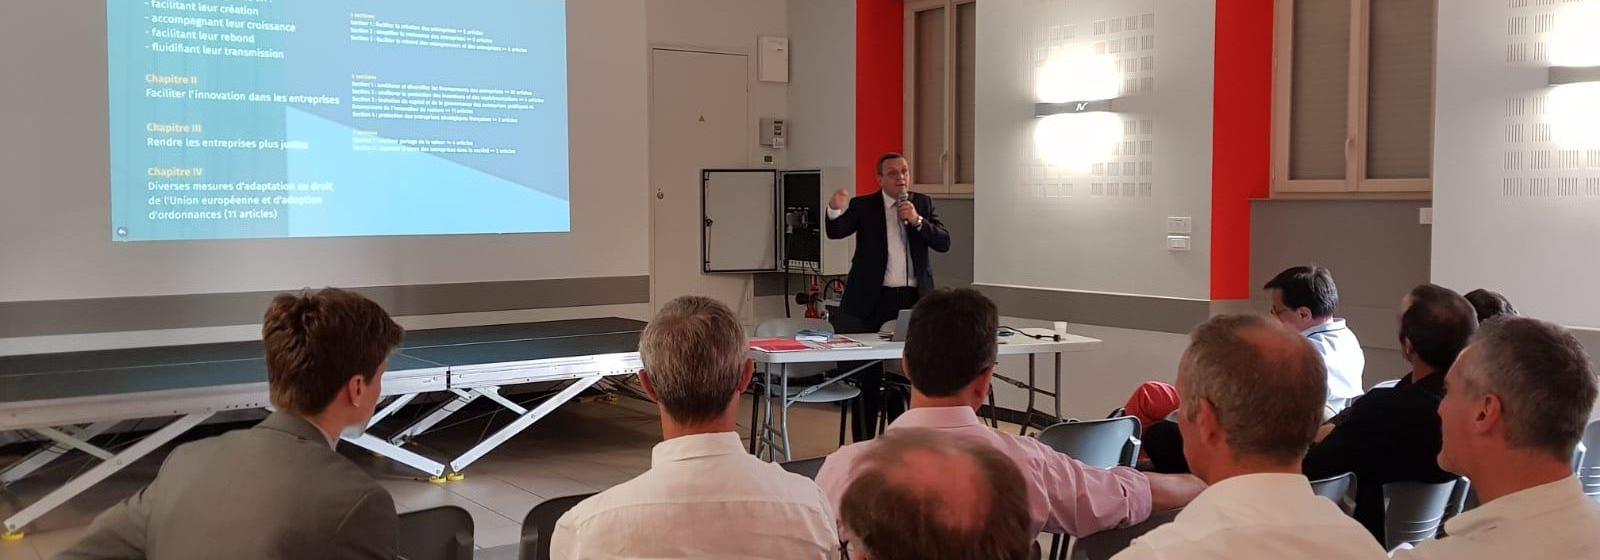 Réunion de présentation du projet de loi PACTE, au Louroux-Béconnais